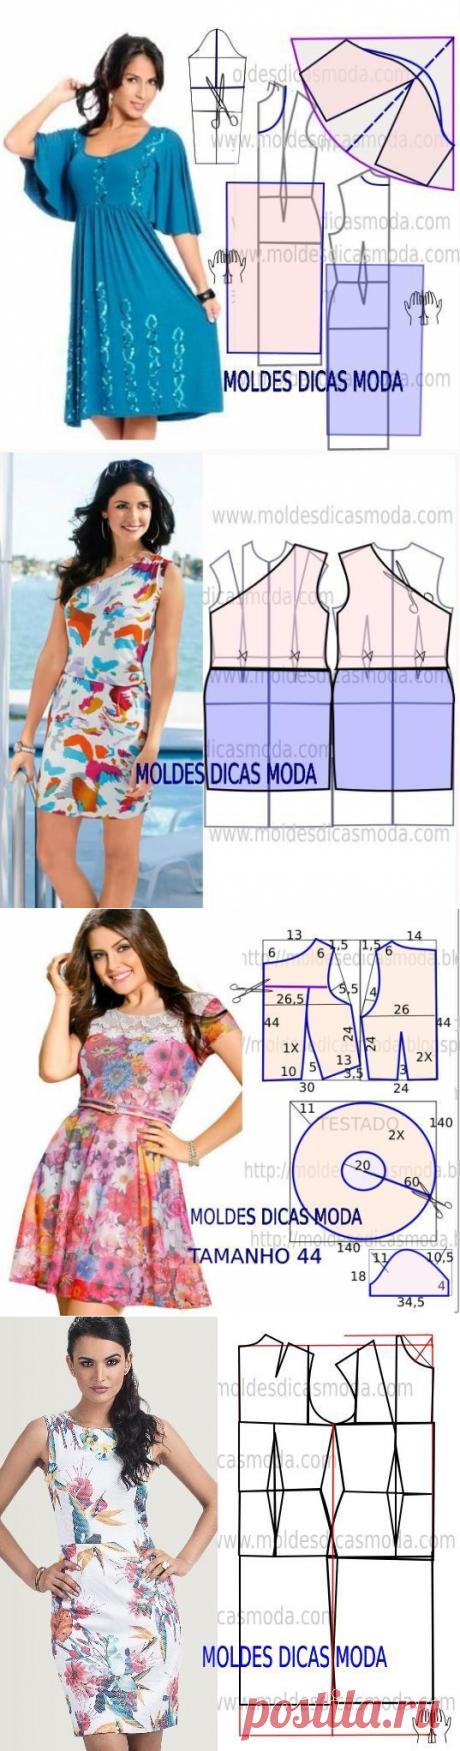 Los patrones de los vestidos.